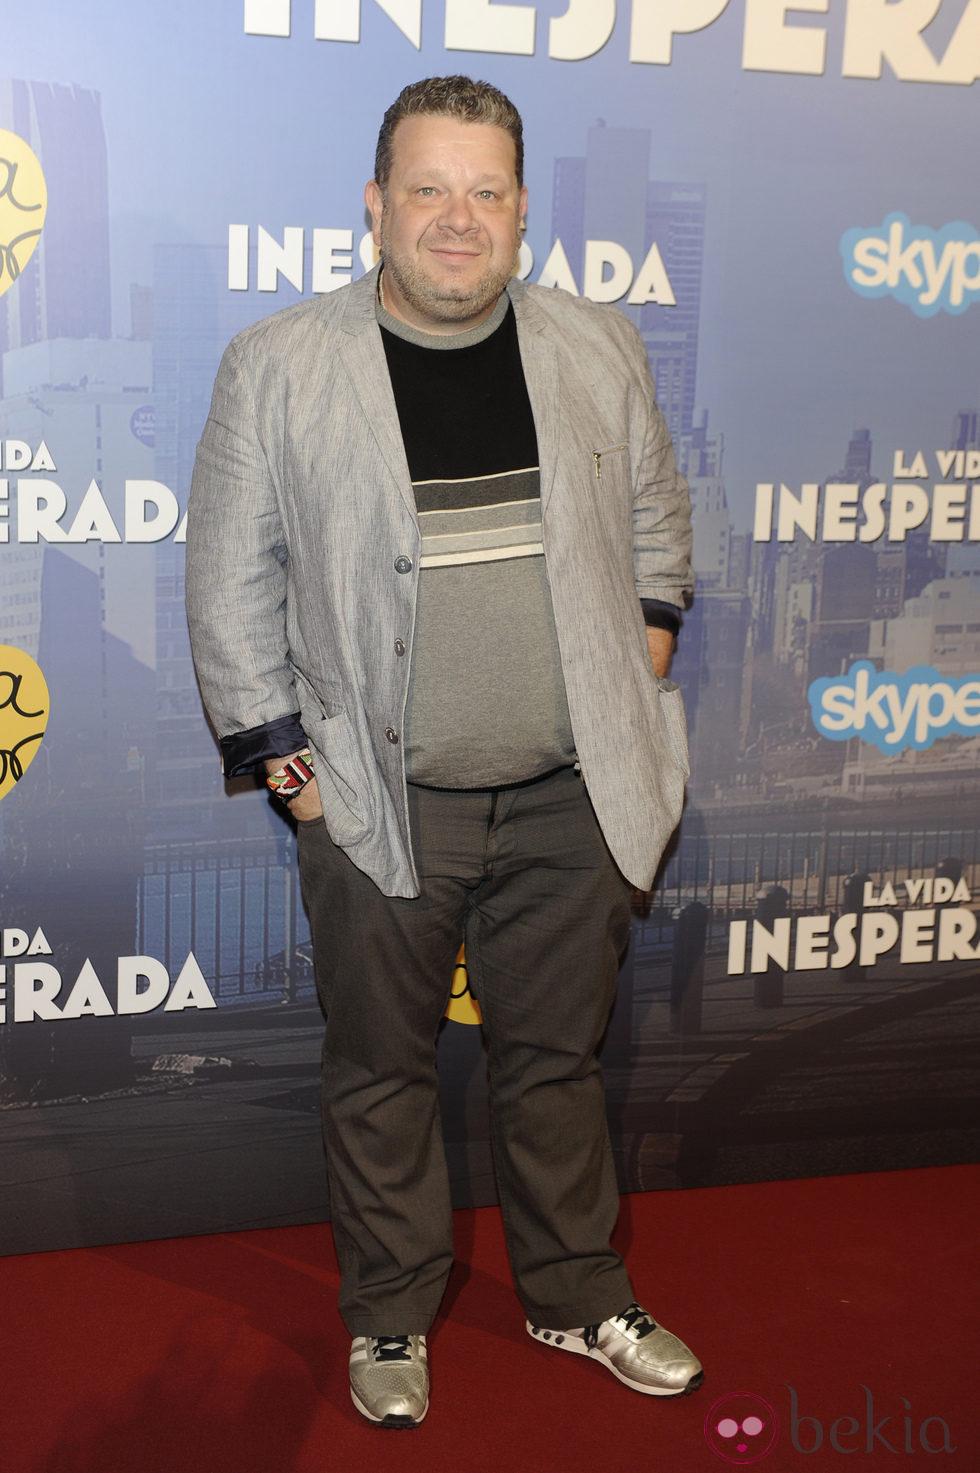 Alberto Chicote en el estreno de 'La vida inesperada'